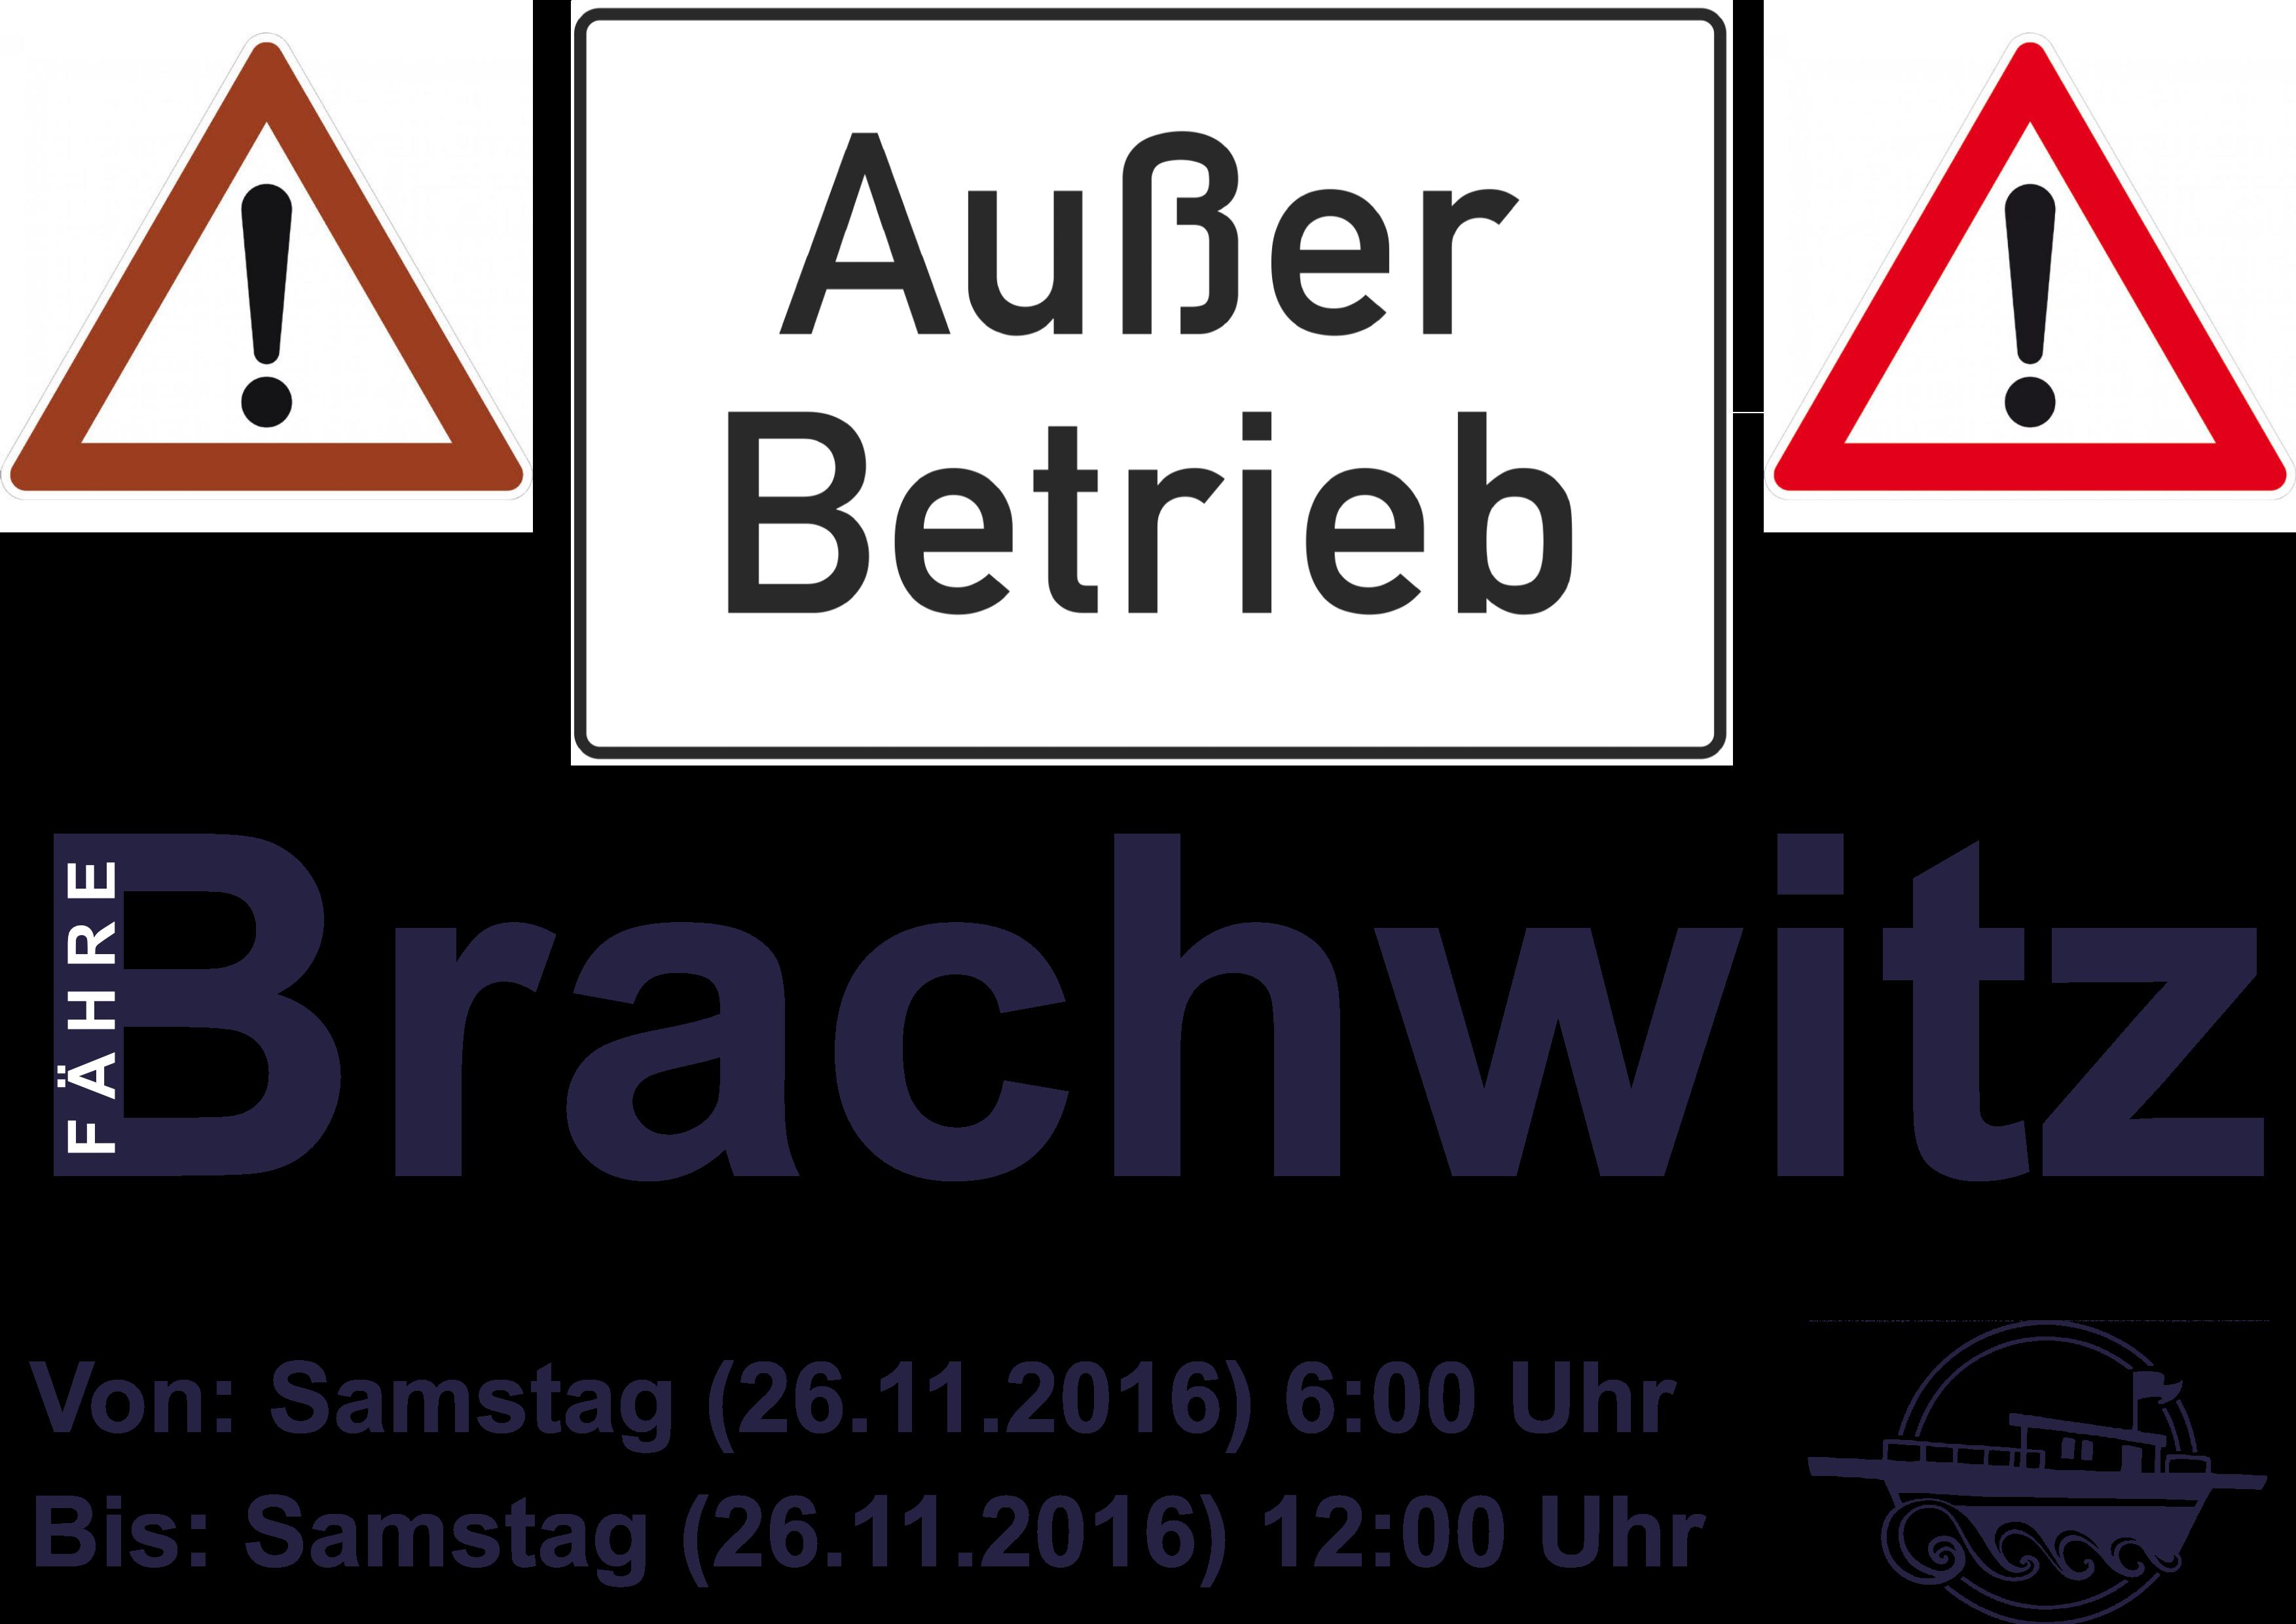 Fähre Brachwitz außer Betrieb 26.11.2016